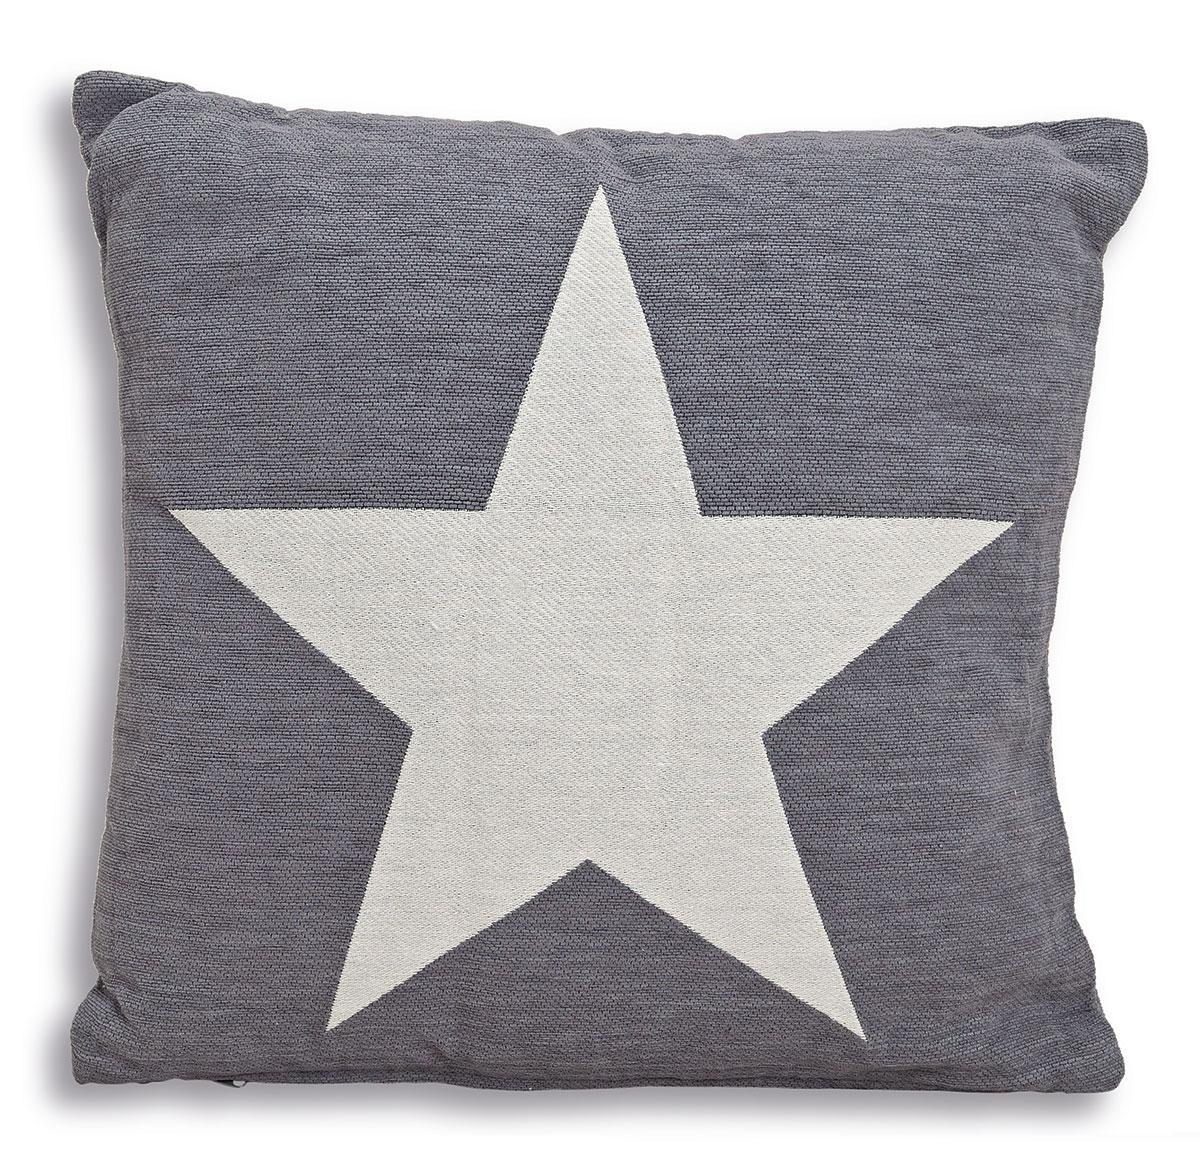 kissen set sterne star grau beige 45cm baumwolle. Black Bedroom Furniture Sets. Home Design Ideas